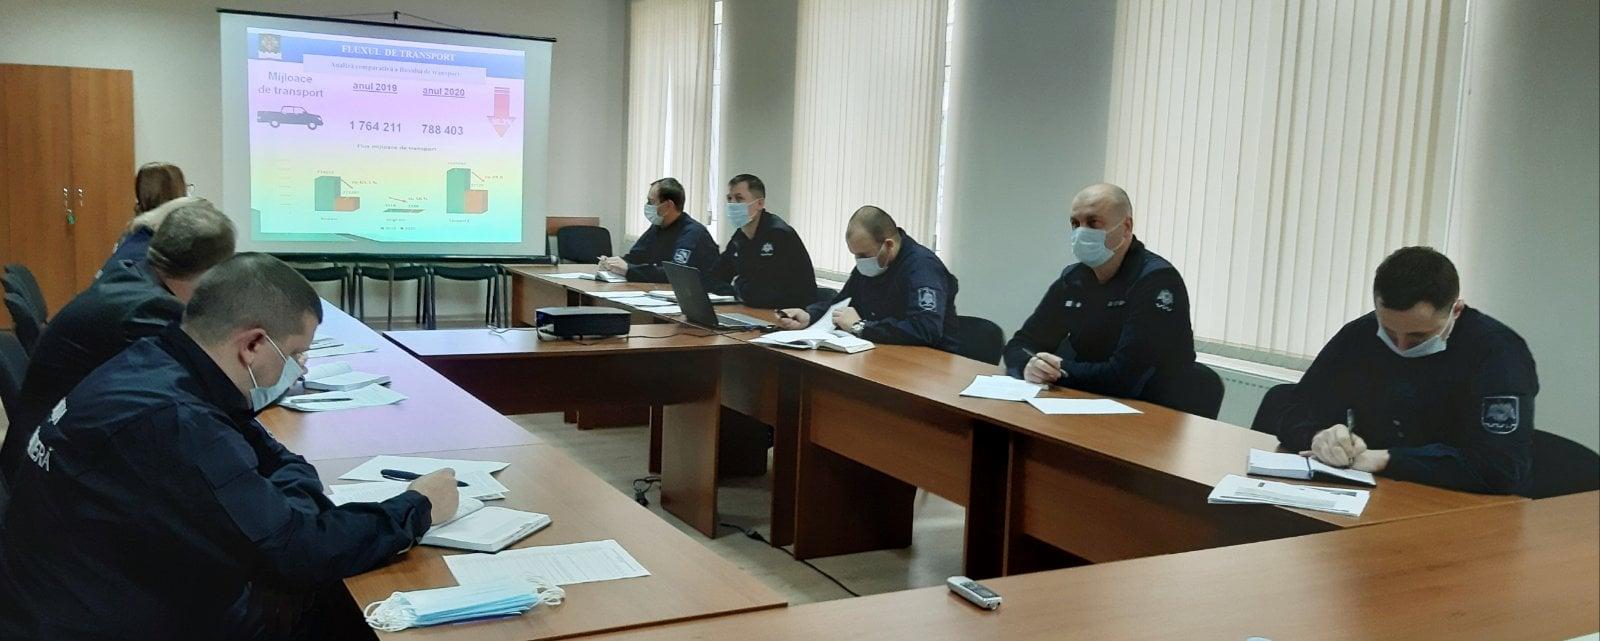 Direcția regională Vest a Poliției de Frontieră și-a prezentat activitatea înregistrată în anul 2020